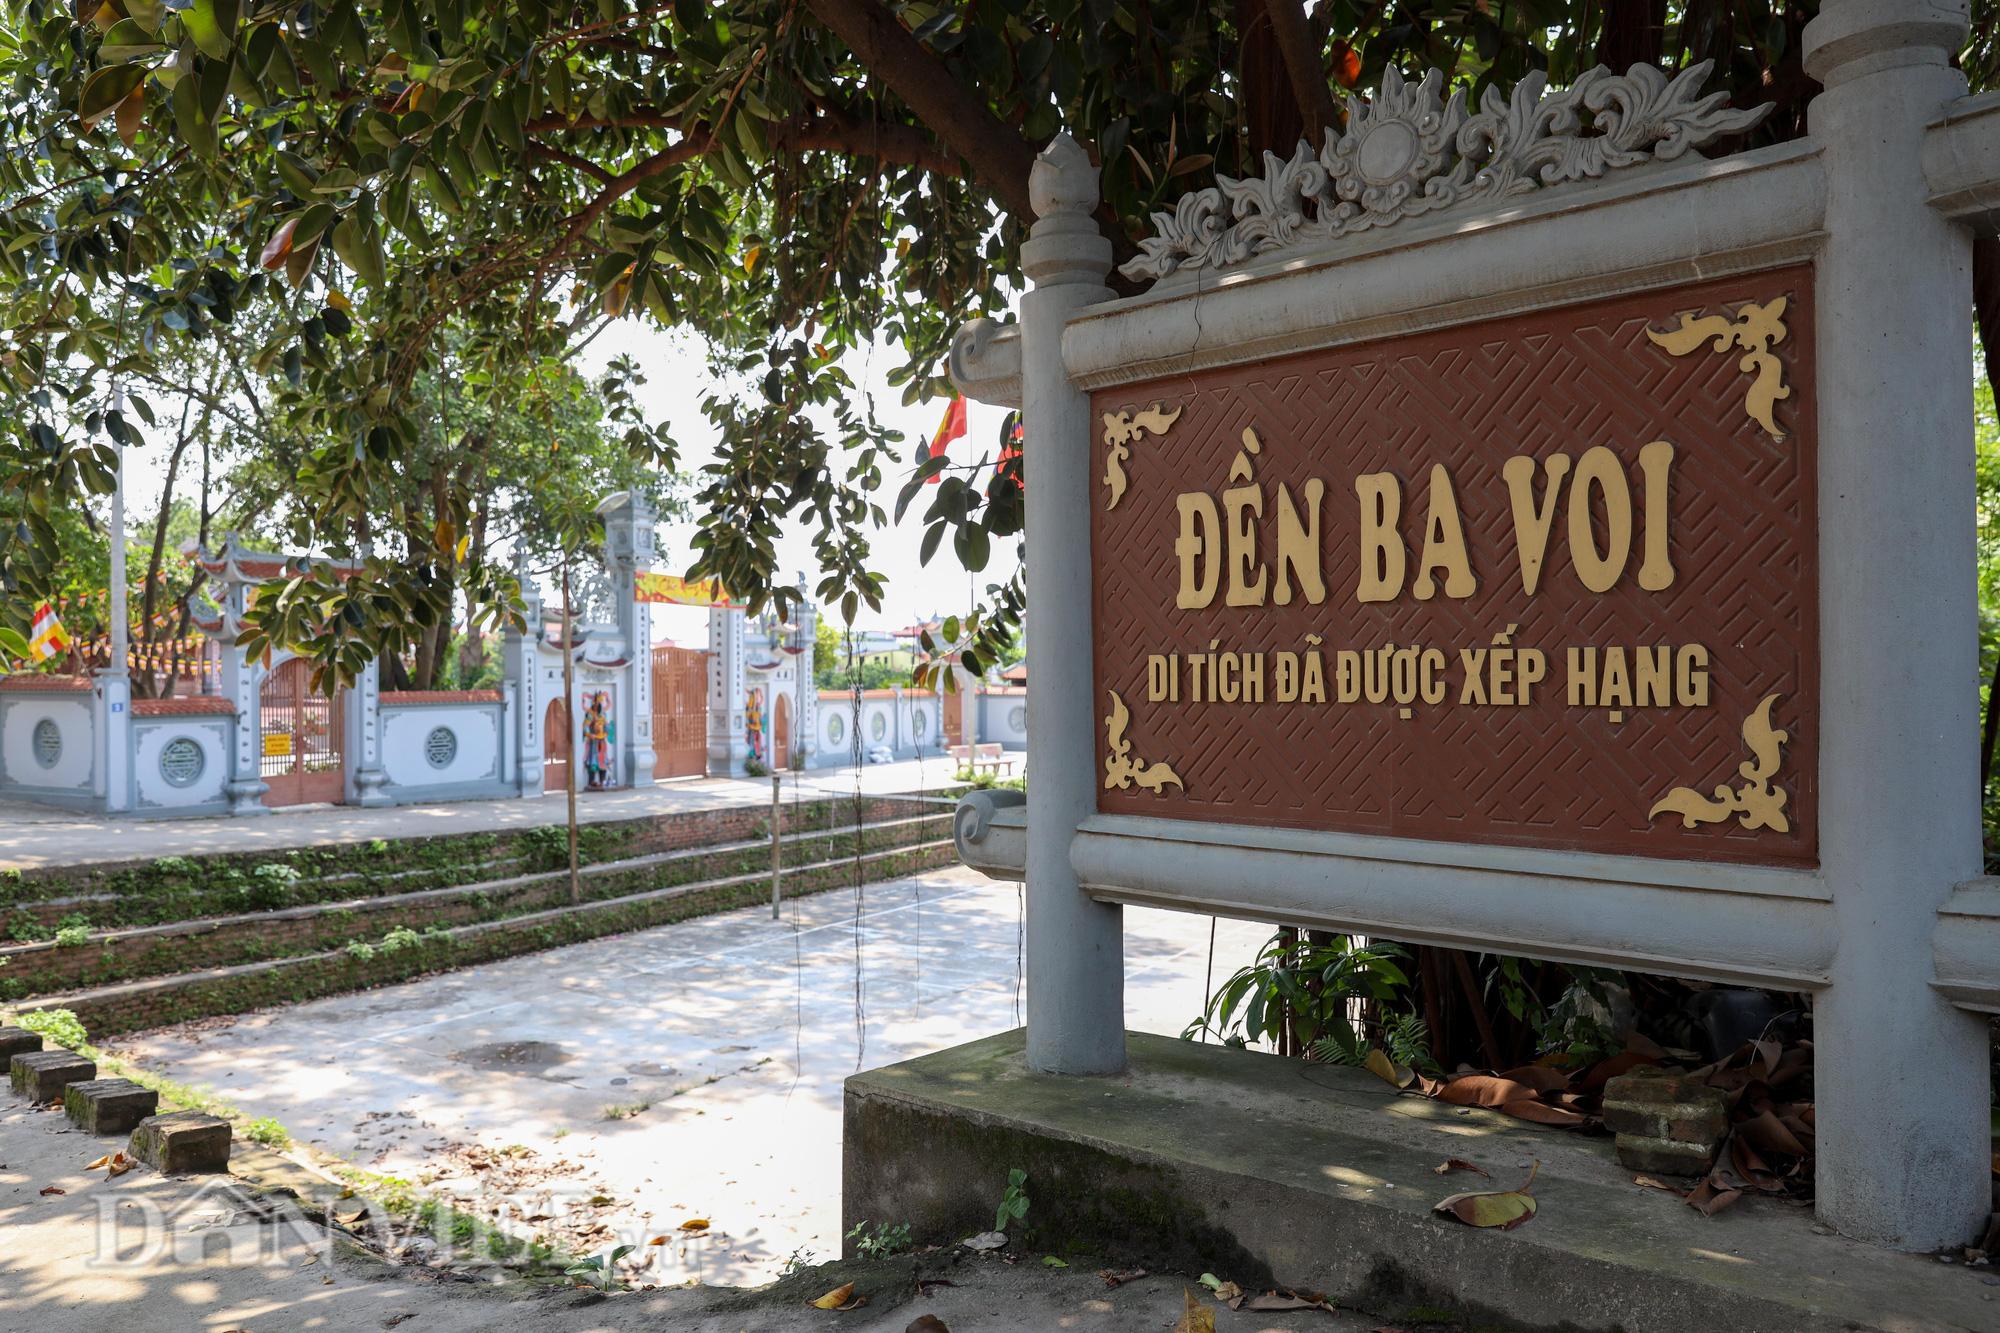 Đền Ba Voi ở Hà Nội bị đóng cửa vì sạt lở bờ sông - Ảnh 2.